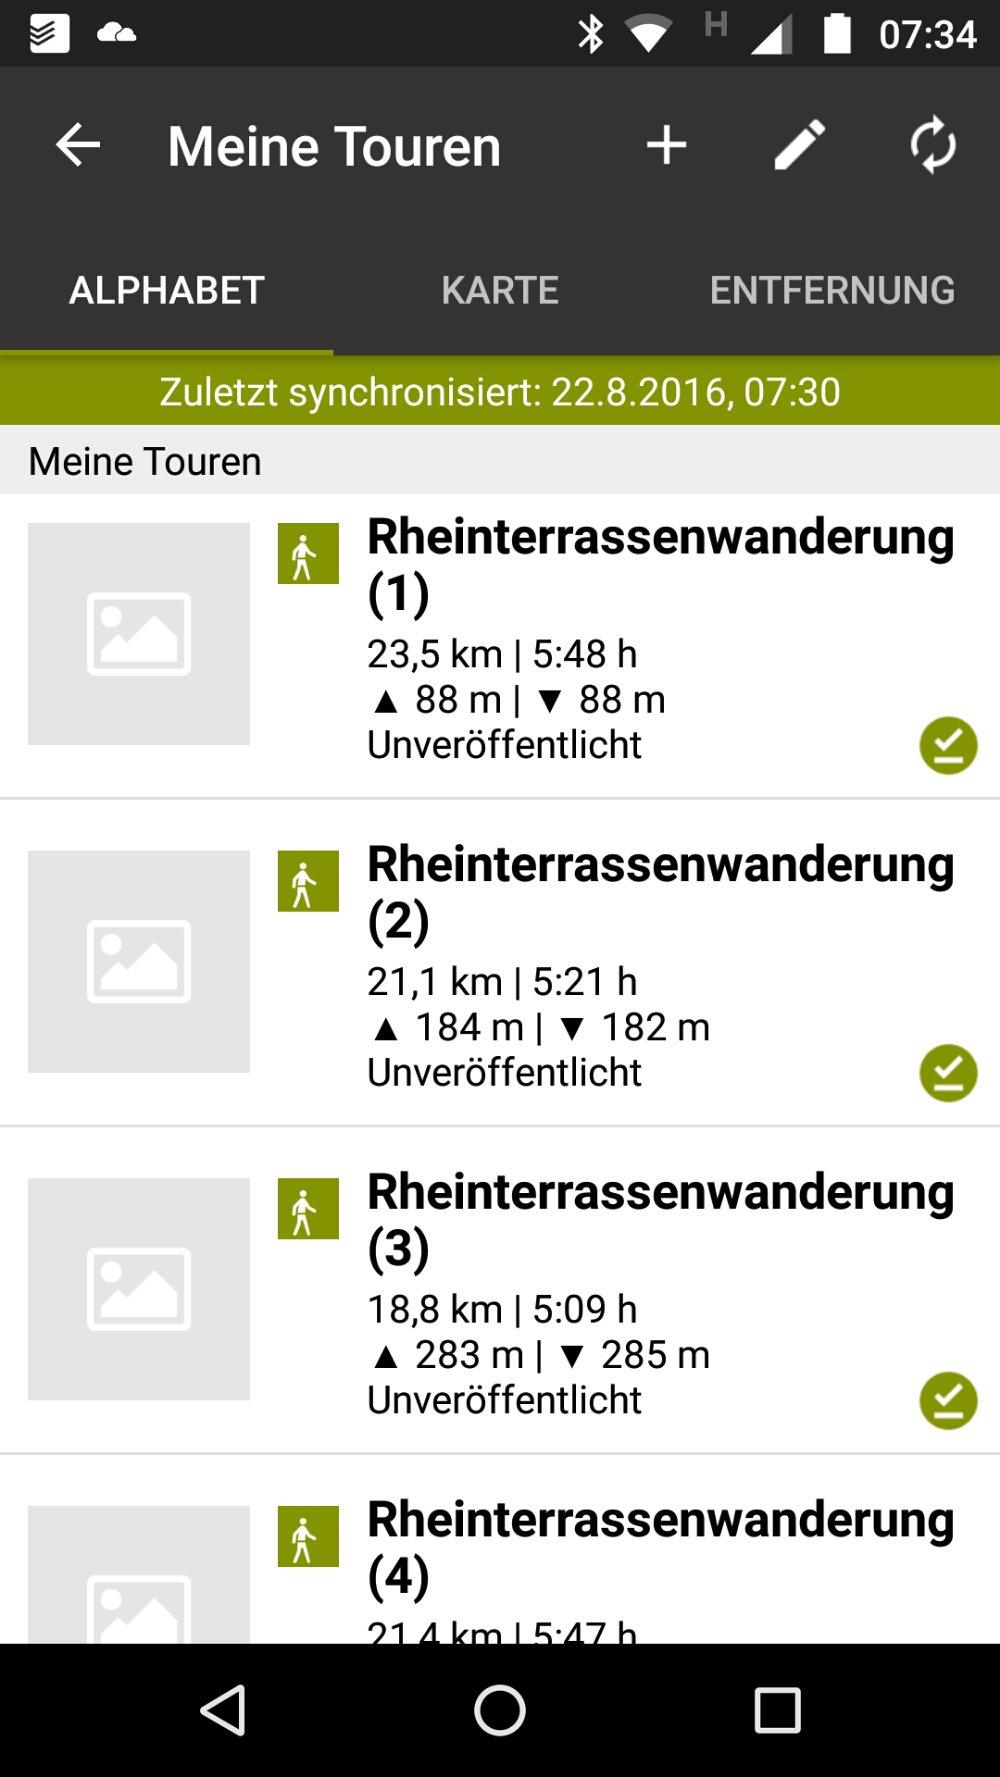 Karten für das #Rheinterrassenweg #Wandern mit @_outdooractive_ aufs Smartphone laden #check https://t.co/vBvZ4mNpUY